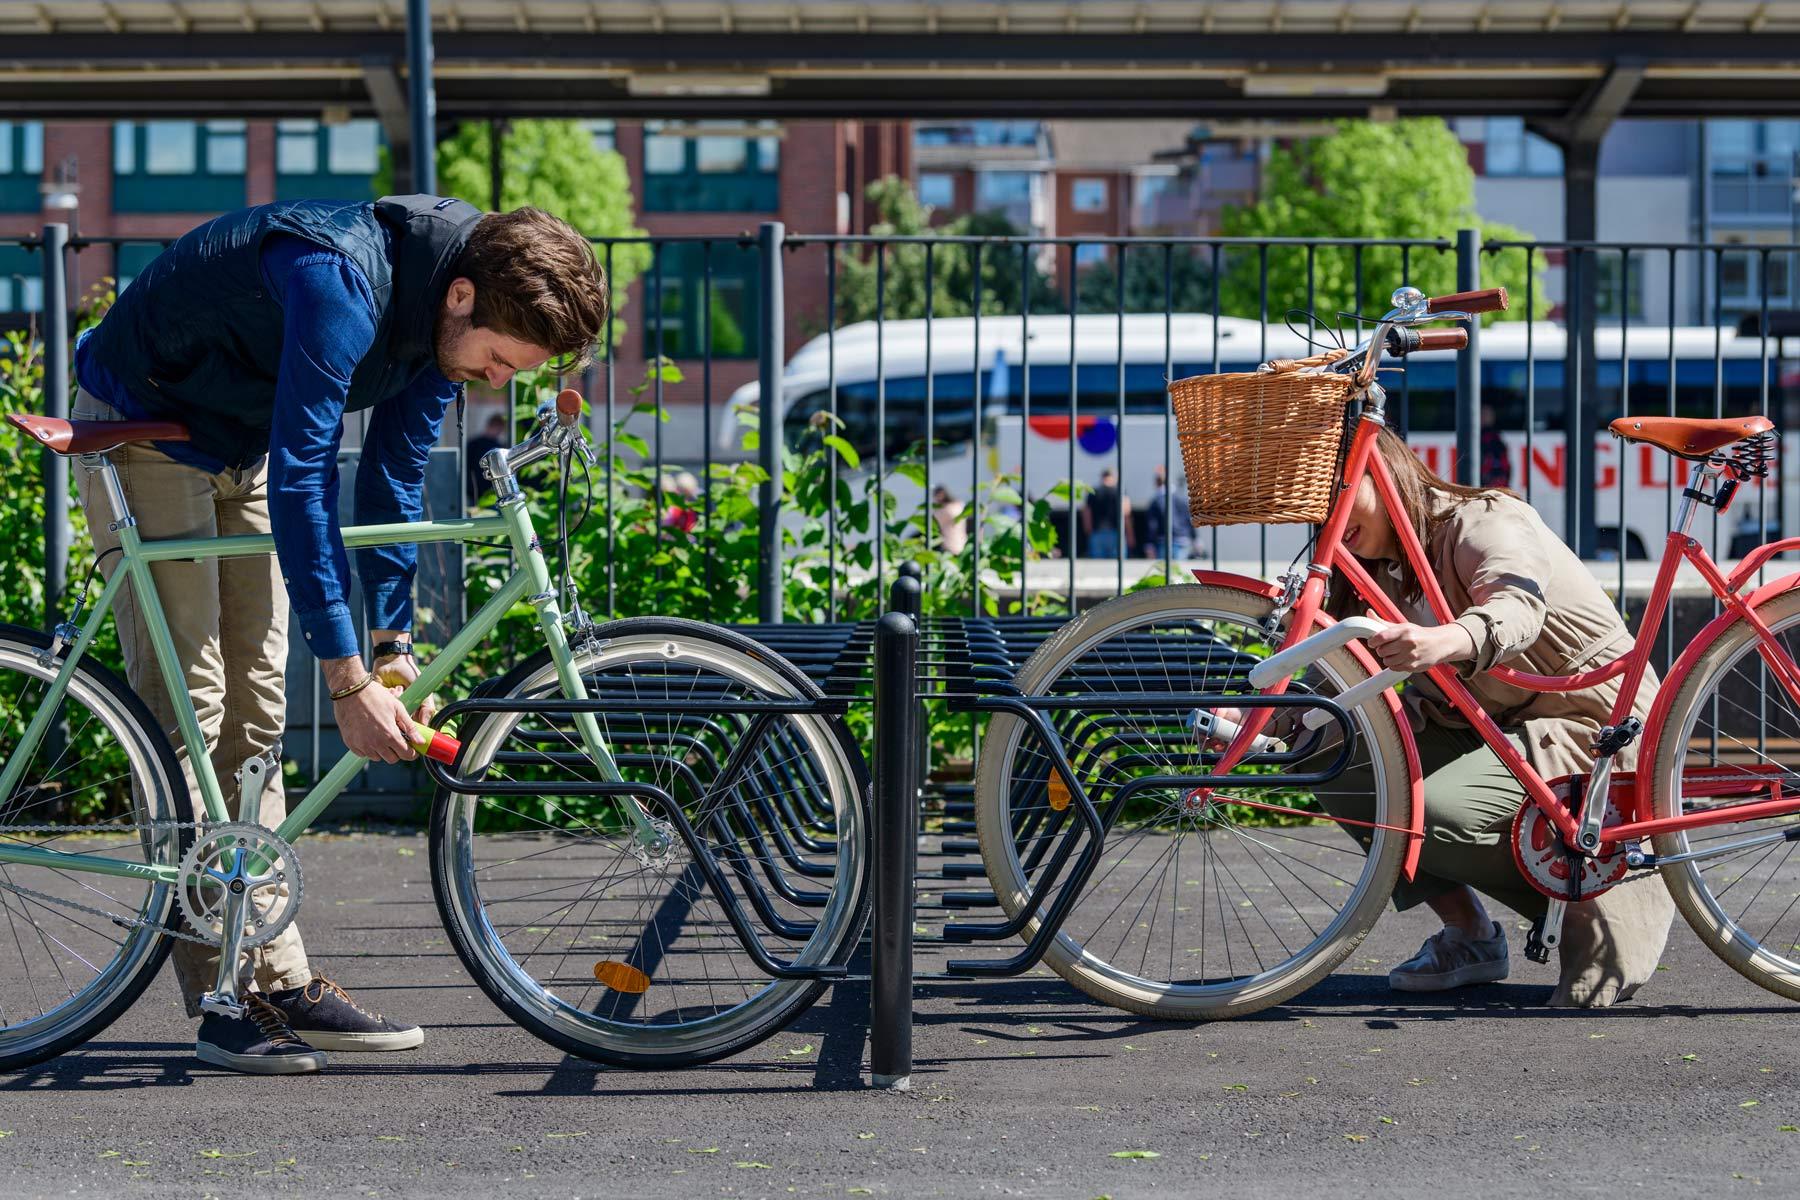 Cykelställ där två cyklister låser fast cykeln i ramen